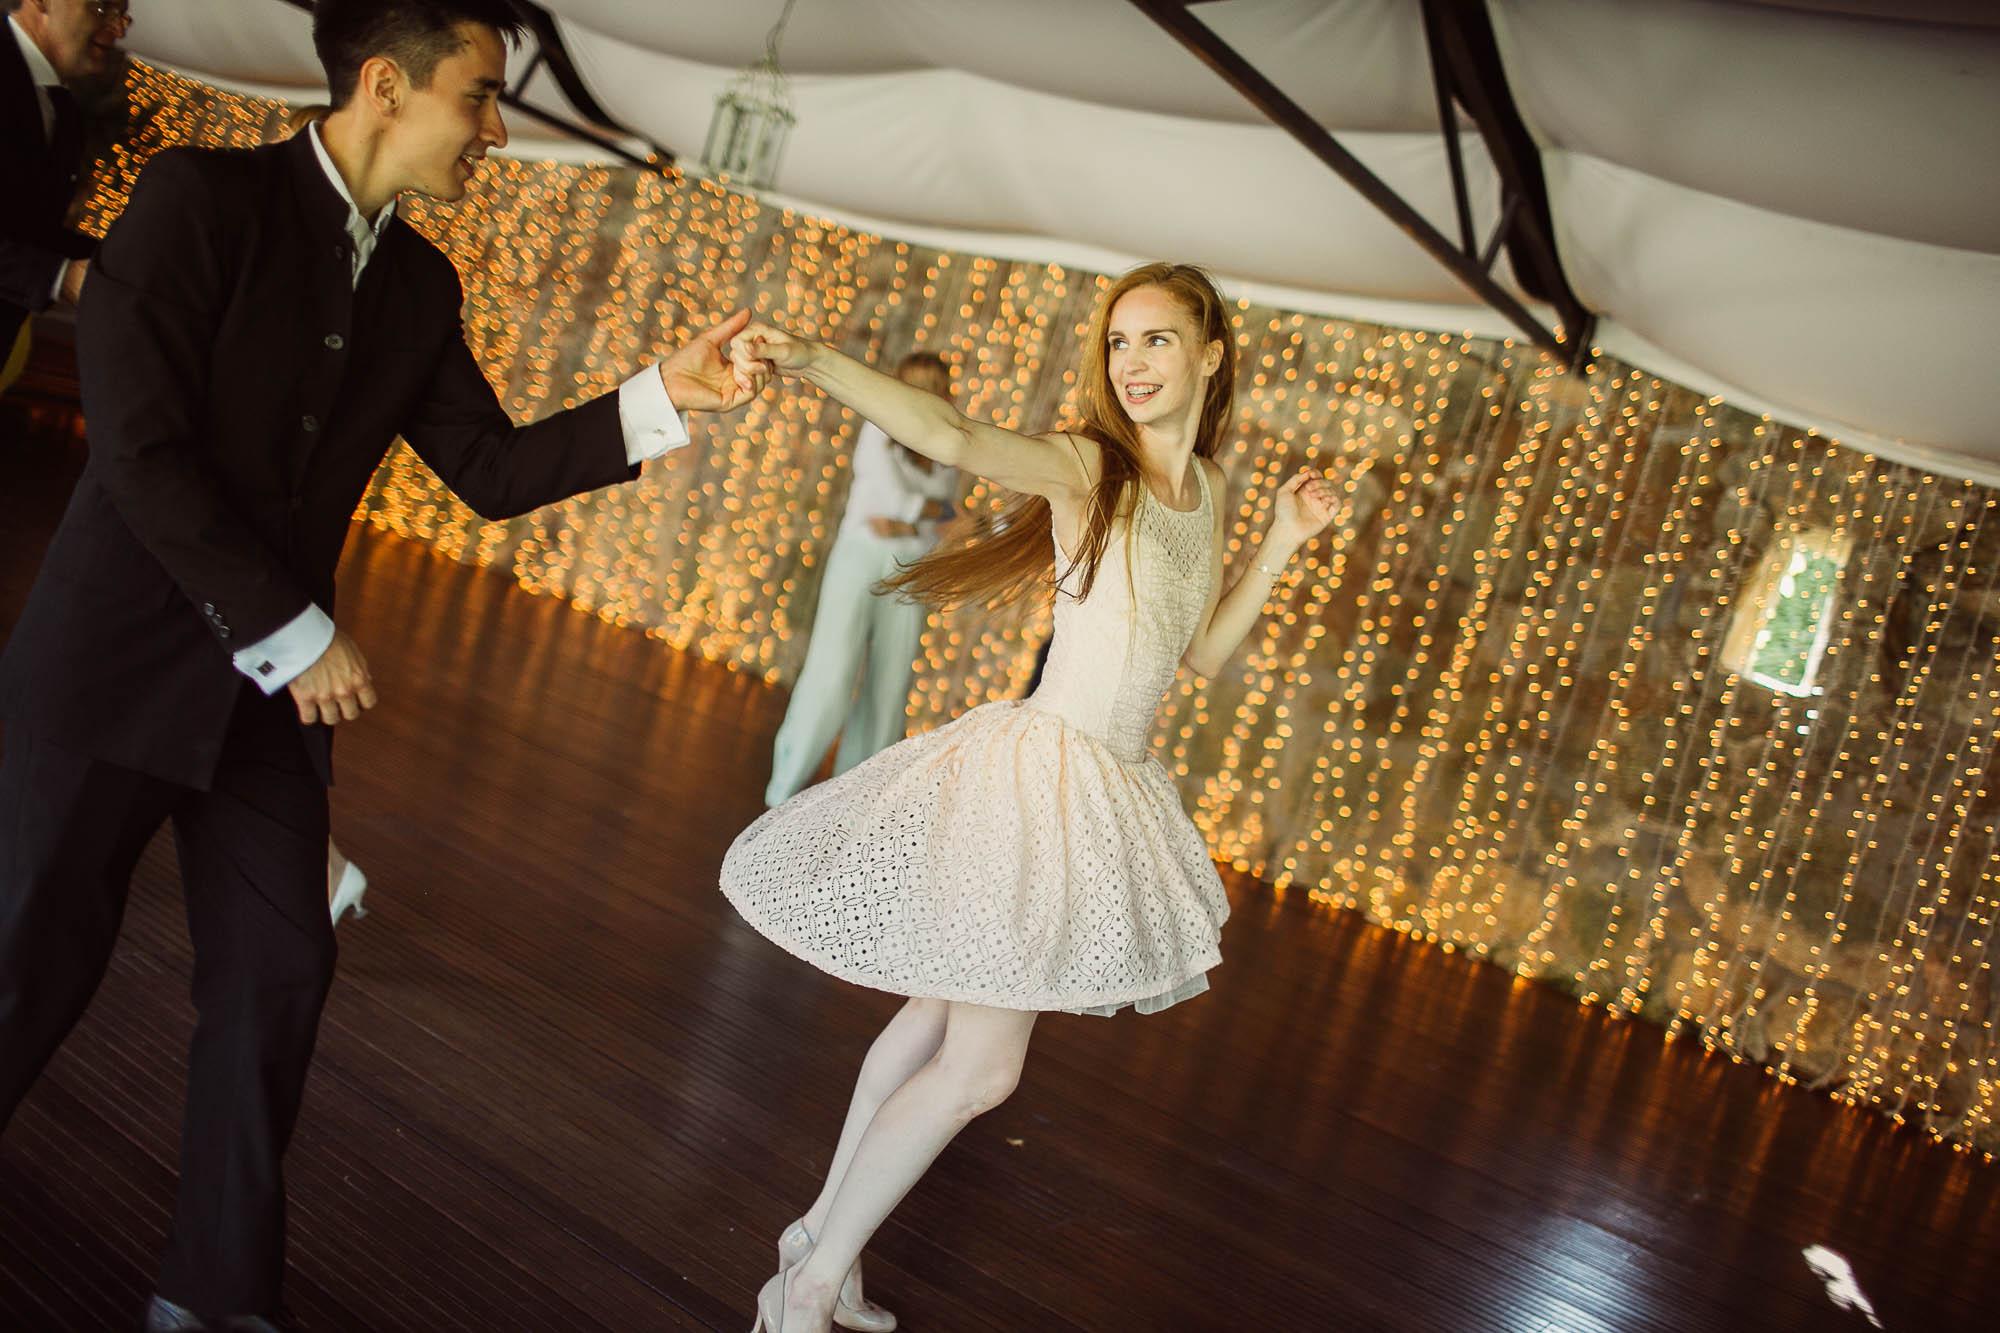 Una invitada con un vestido rosa bailando con otro invitado